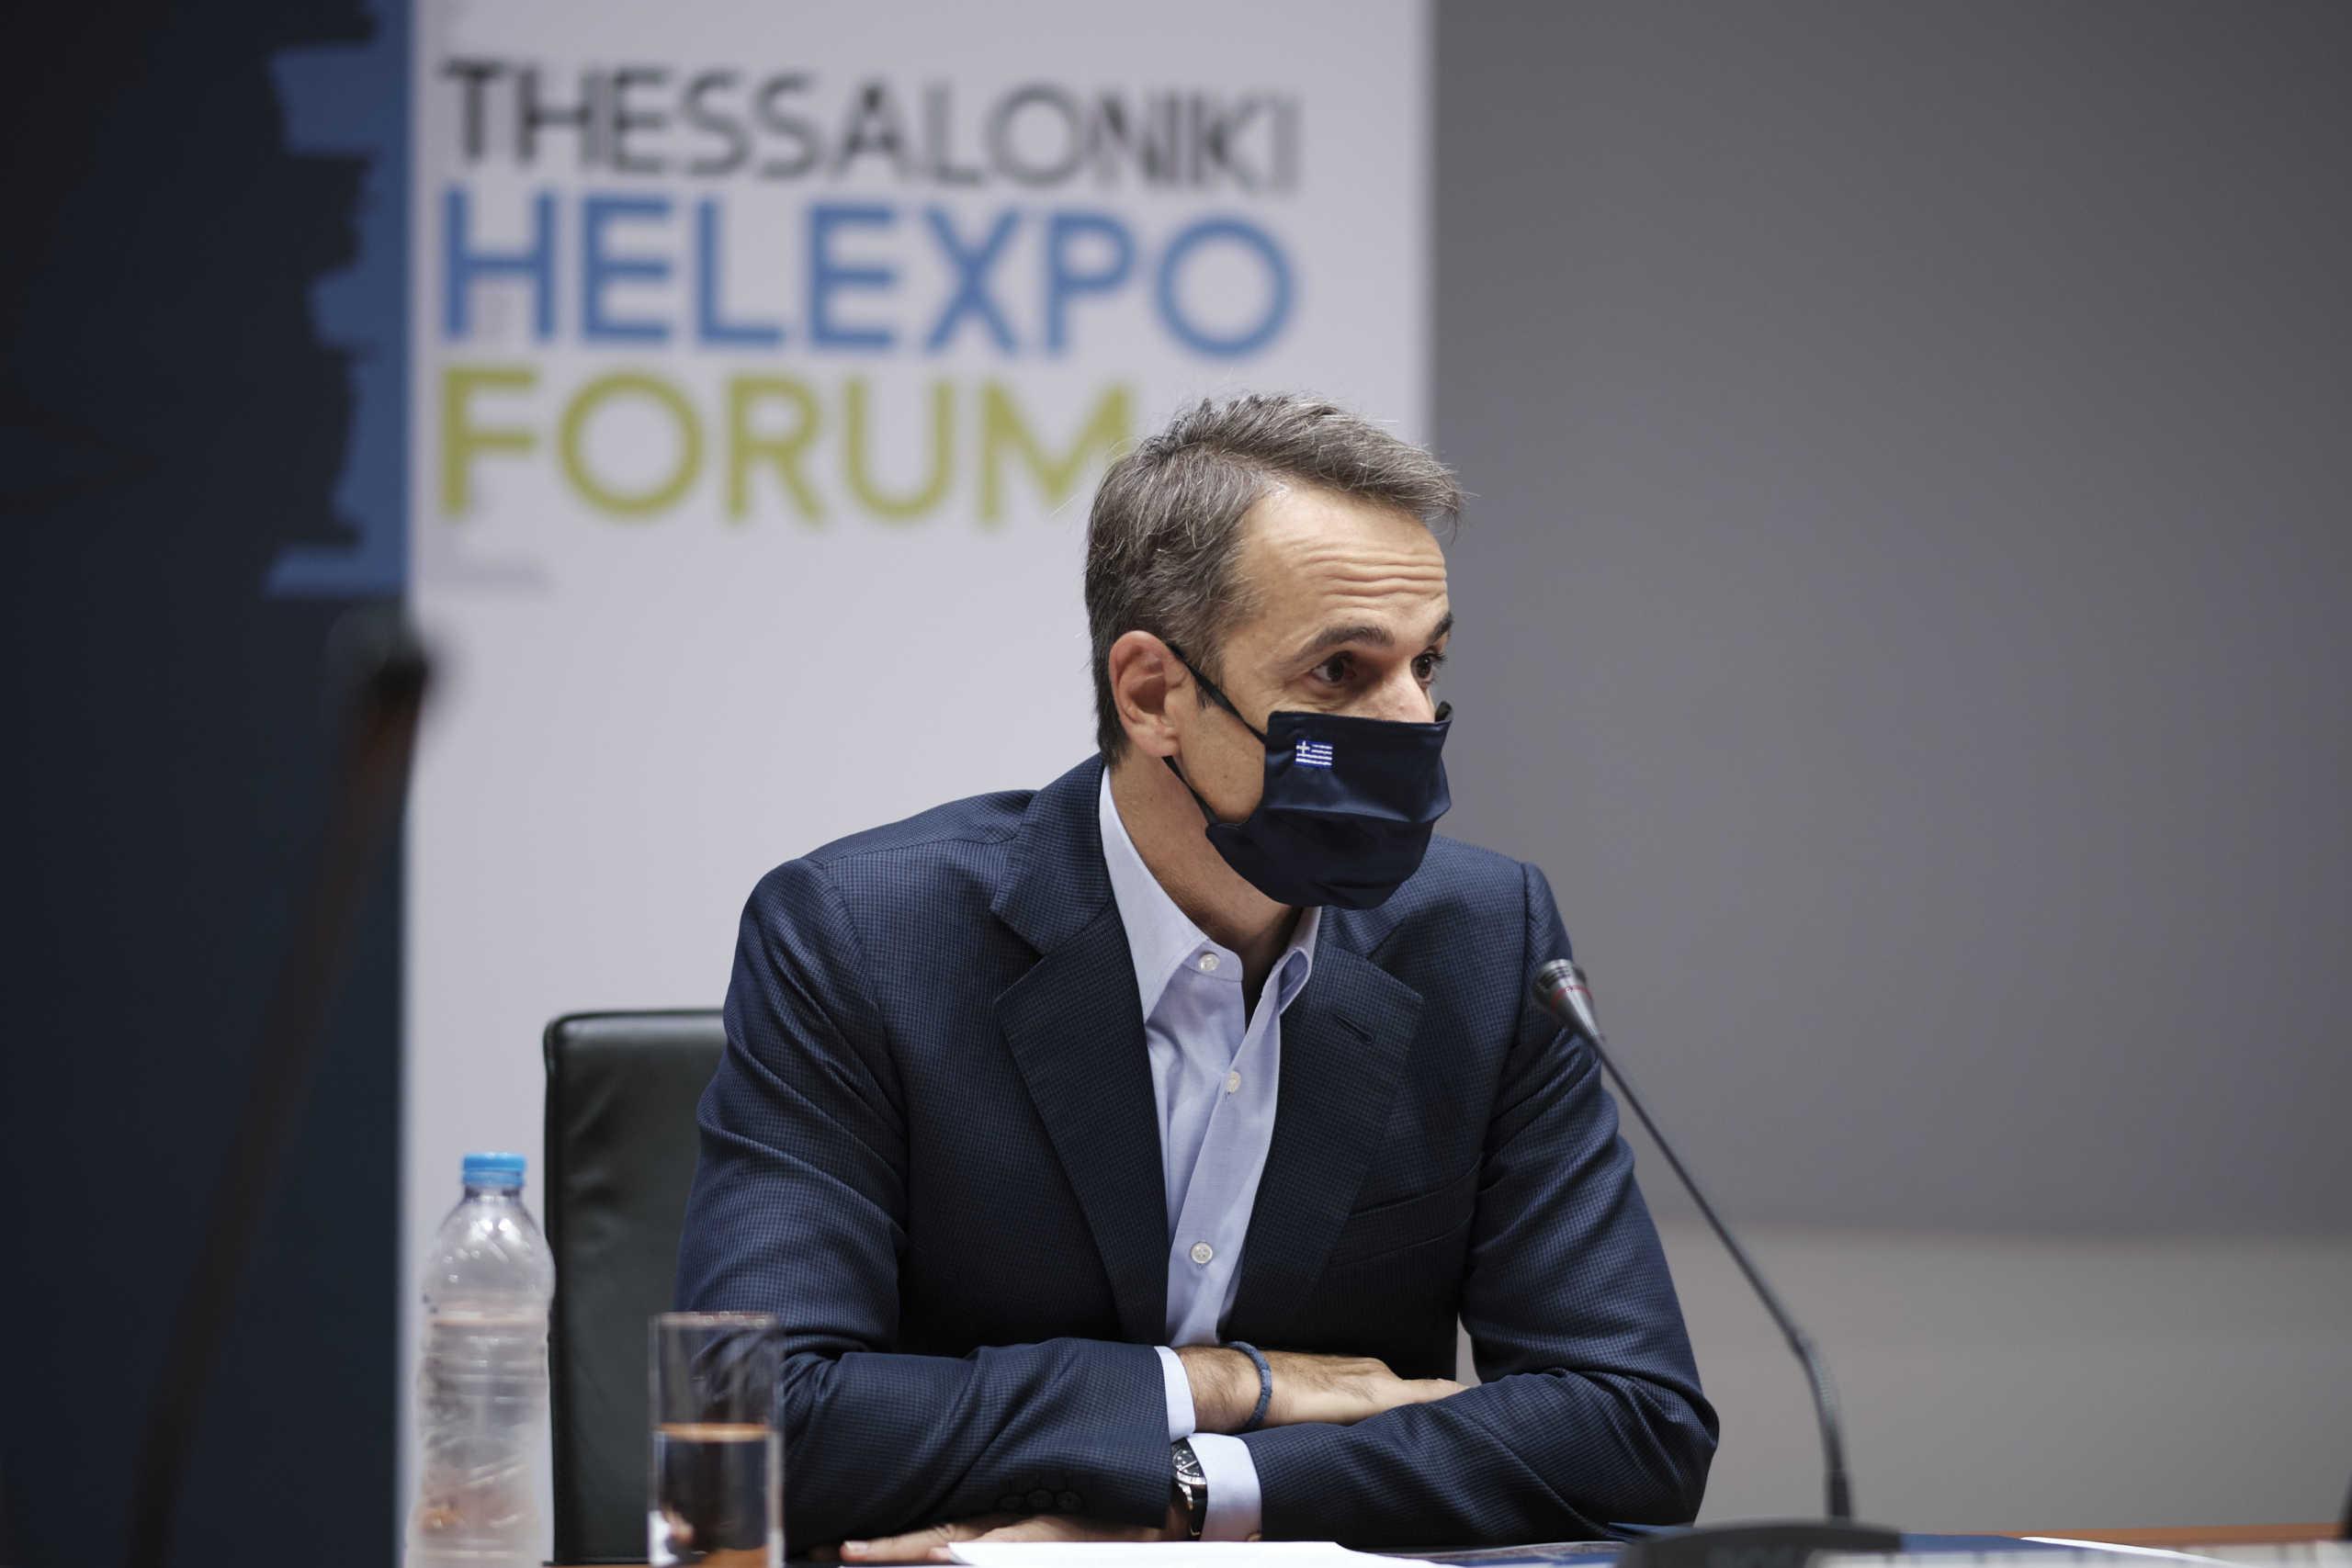 Μητσοτάκης: Στόχος της κυβέρνησης είναι να απαλύνει τον πόνο από τις συνέπειες του κορονοϊού (pics)